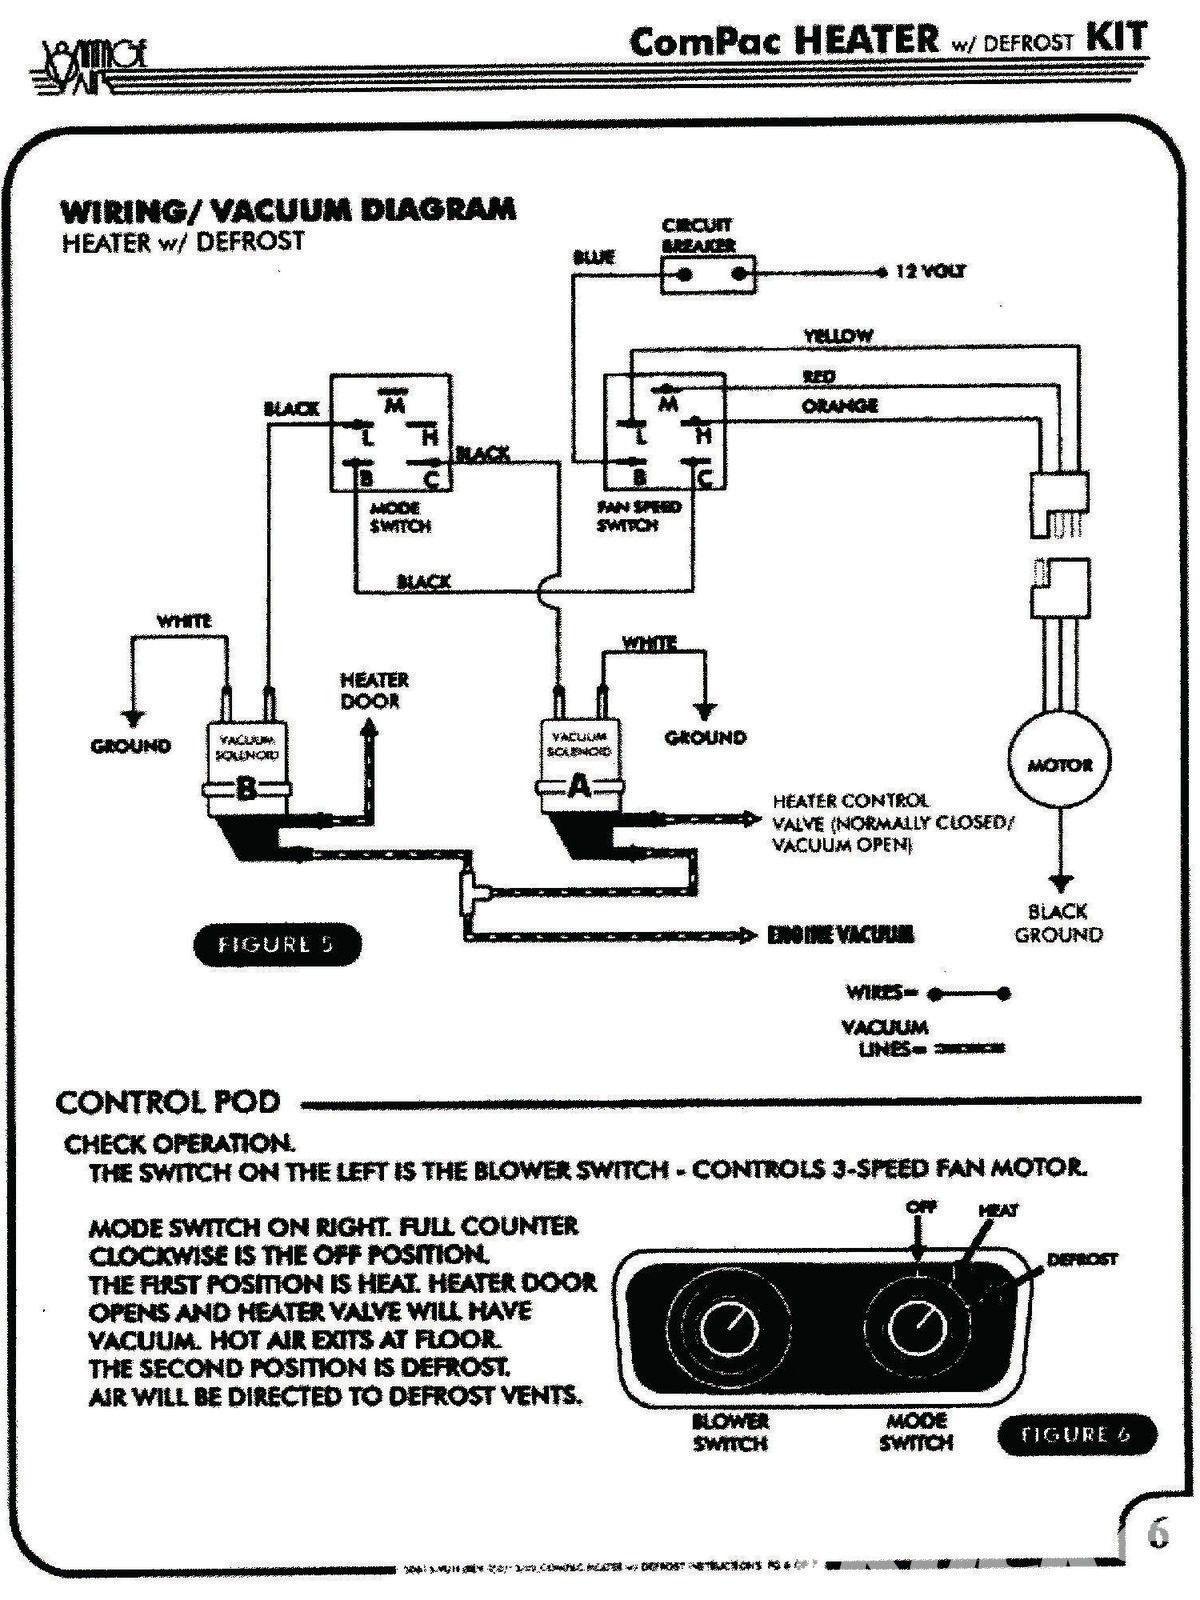 Vintage Air Wiring Diagrams In 2020 Vintage Air Diagram Wire